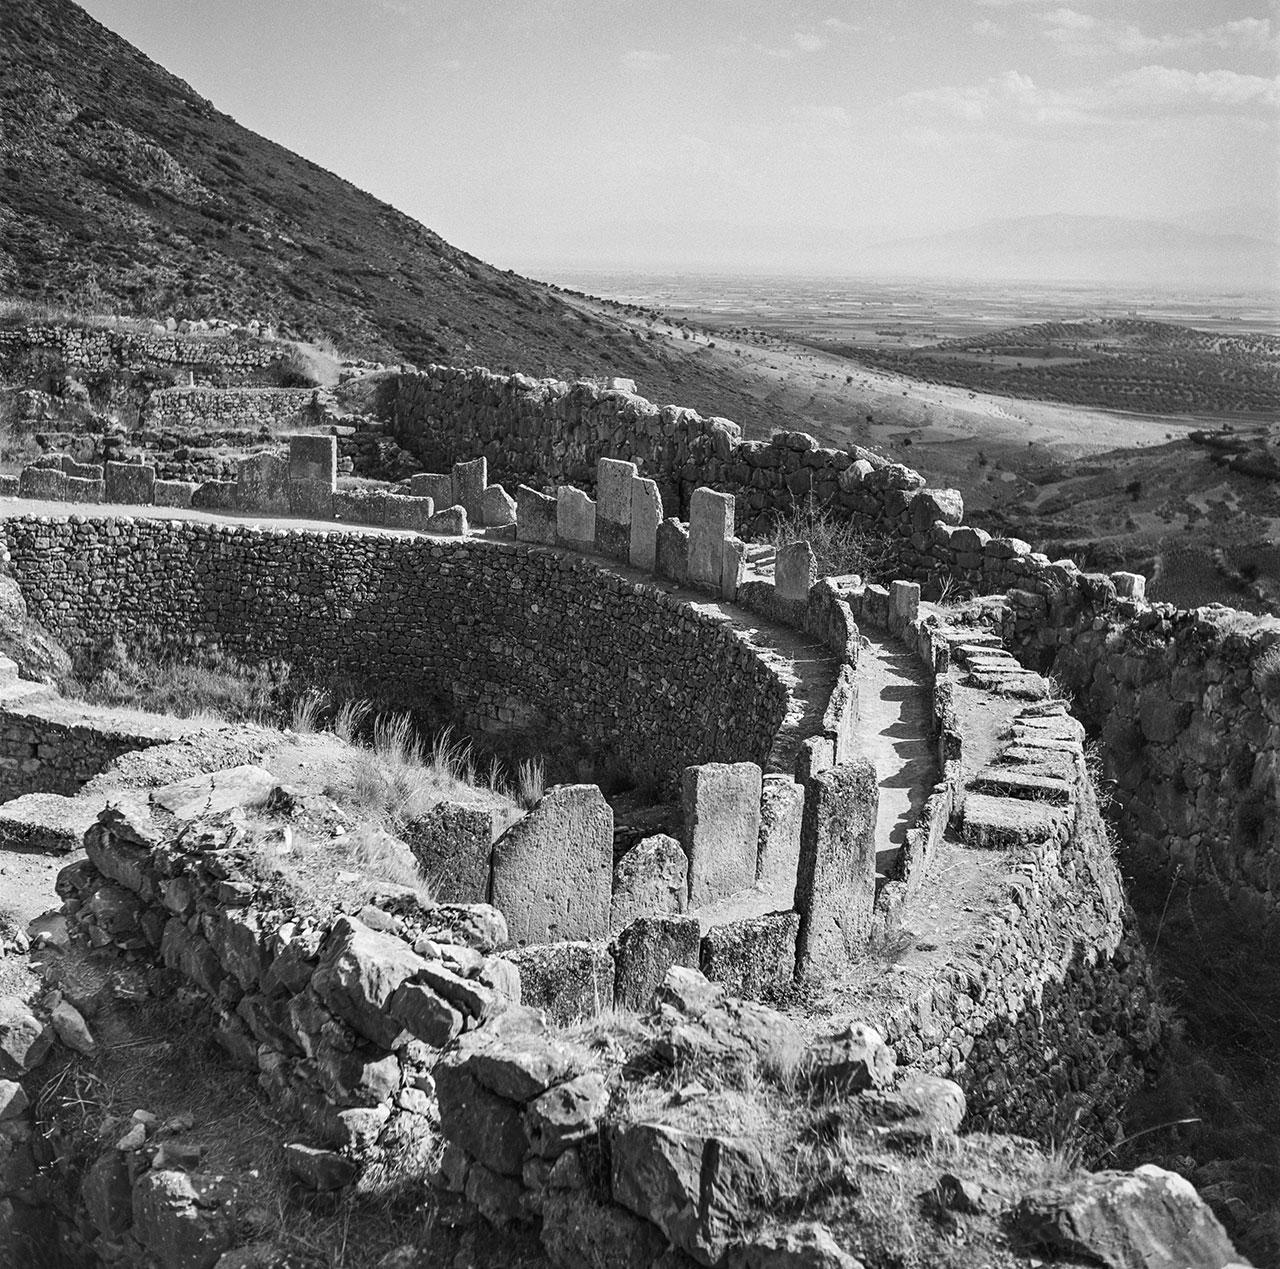 Peloponnes, Mykene 1955: Grabkreis der Könige in der bronzezeitlichen Festung von Mykene. Foto © Robert McCabe